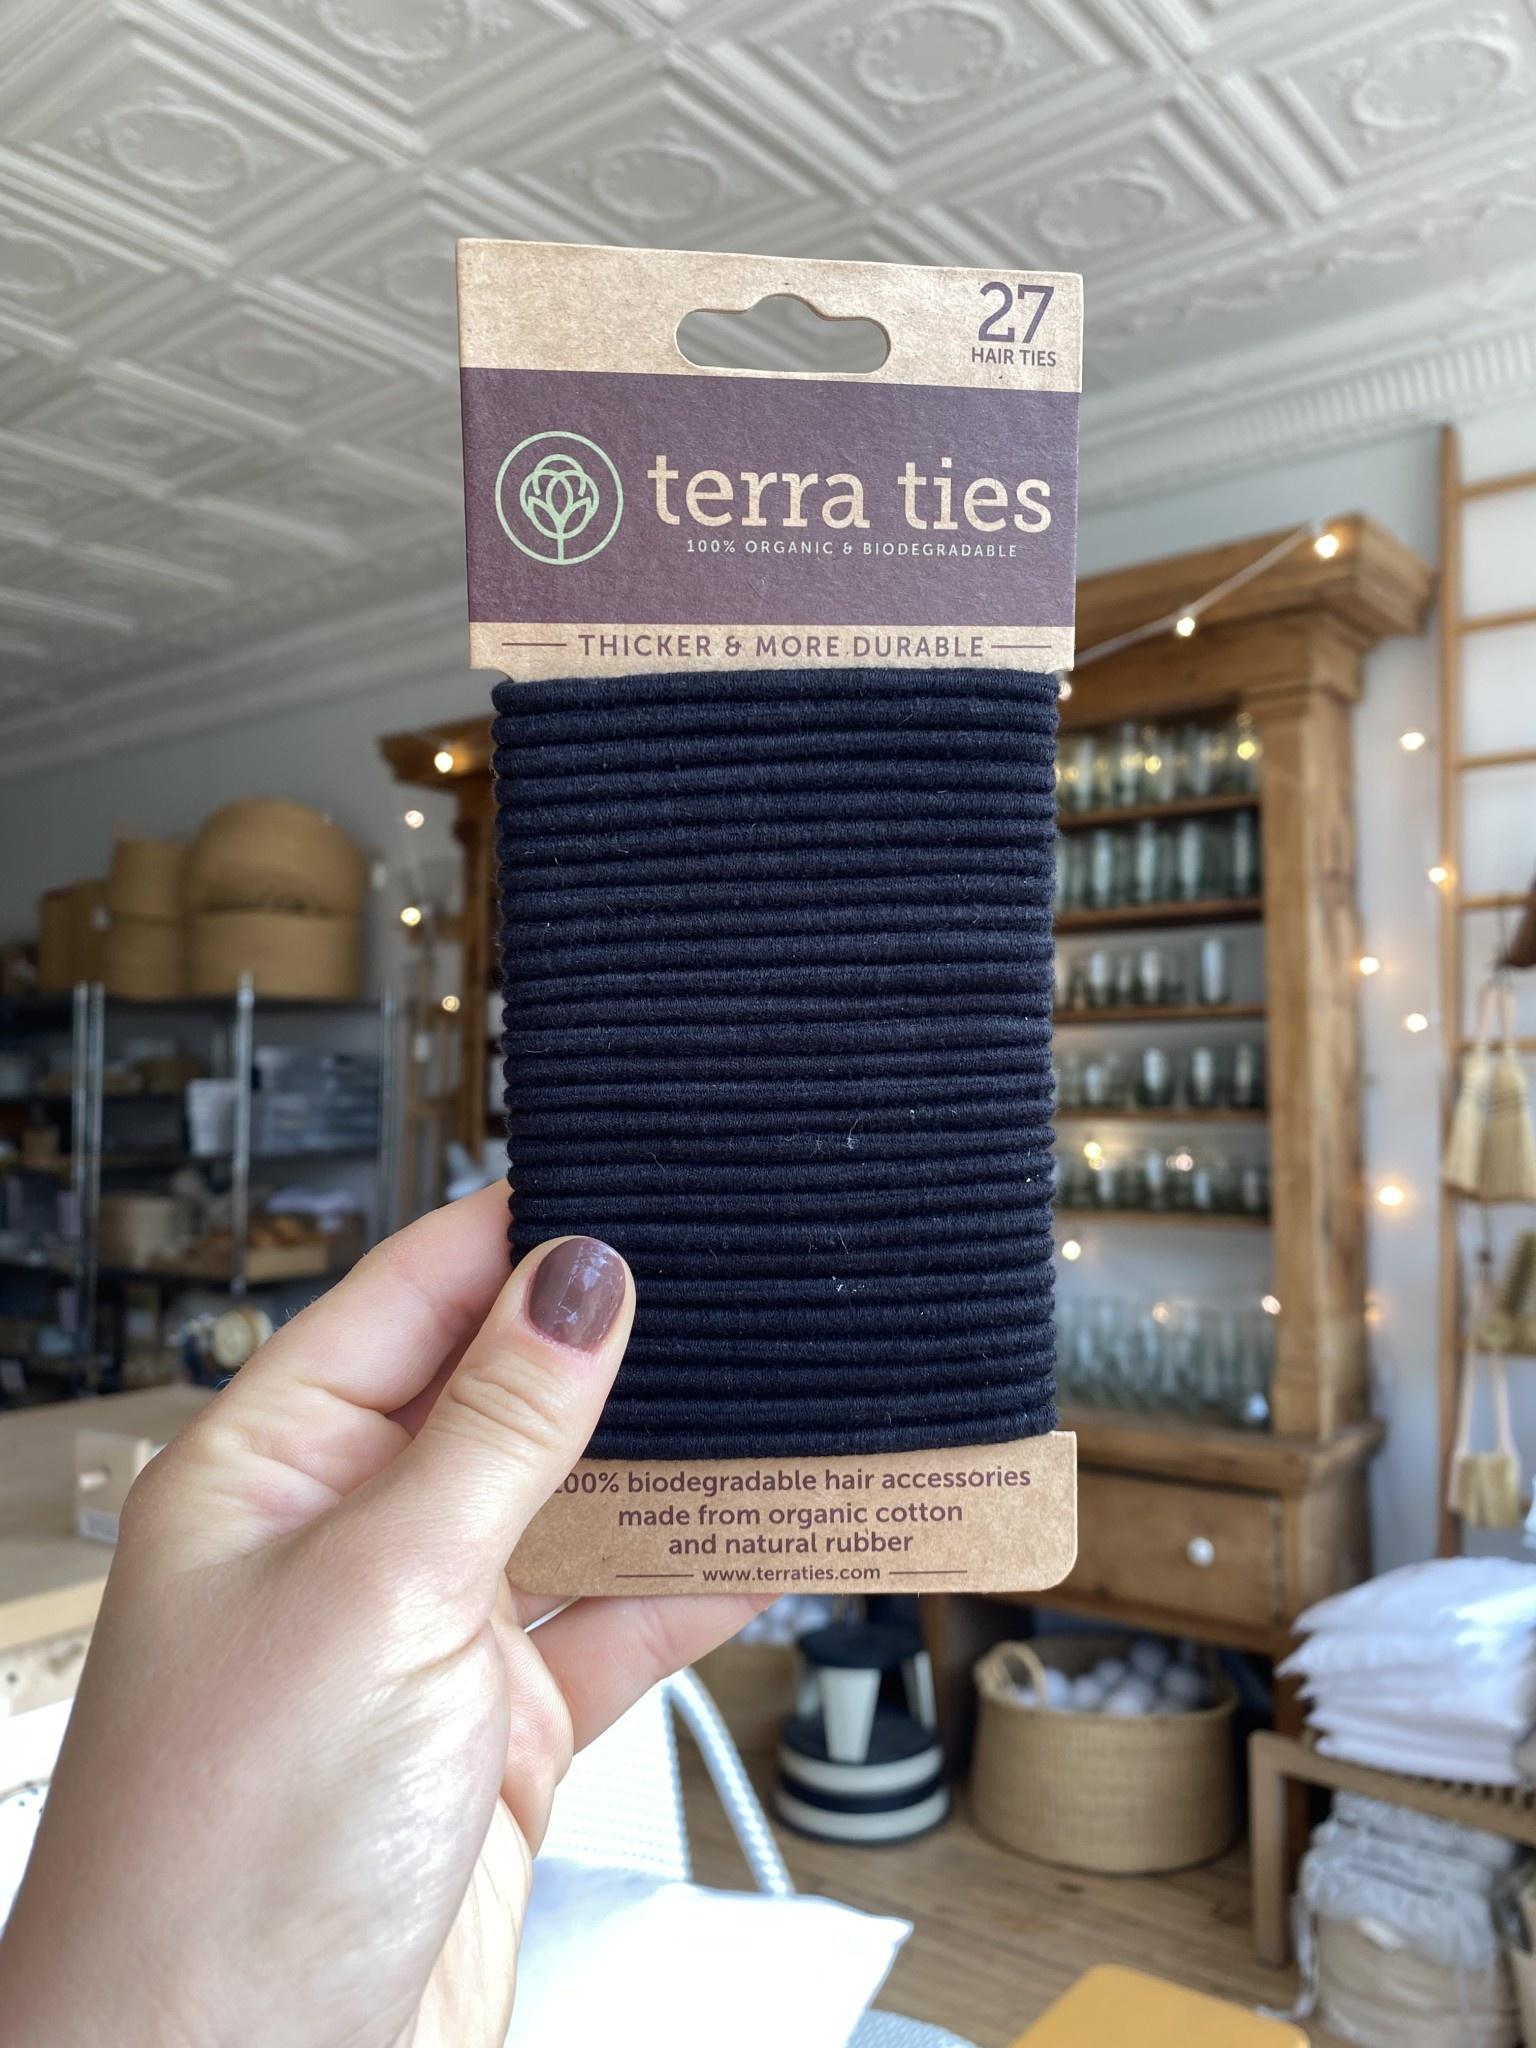 Terra Ties Organic Biodegradable Hair Ties